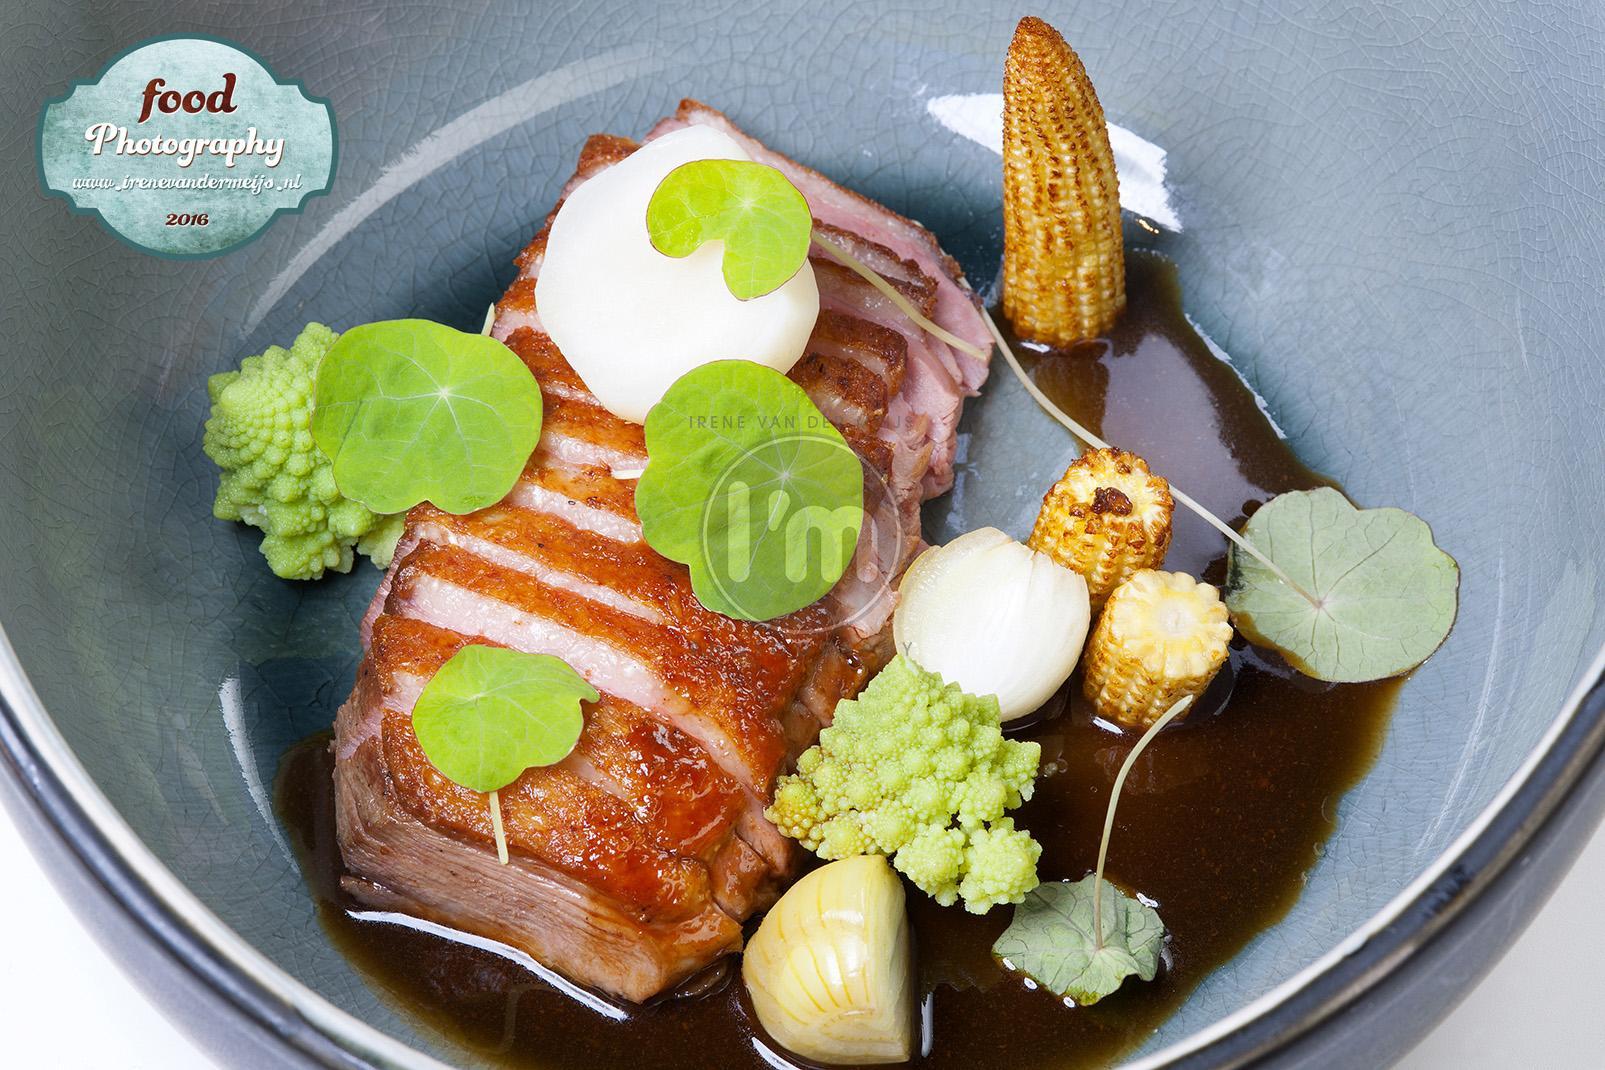 foodfotograaf Irene van der Meijs